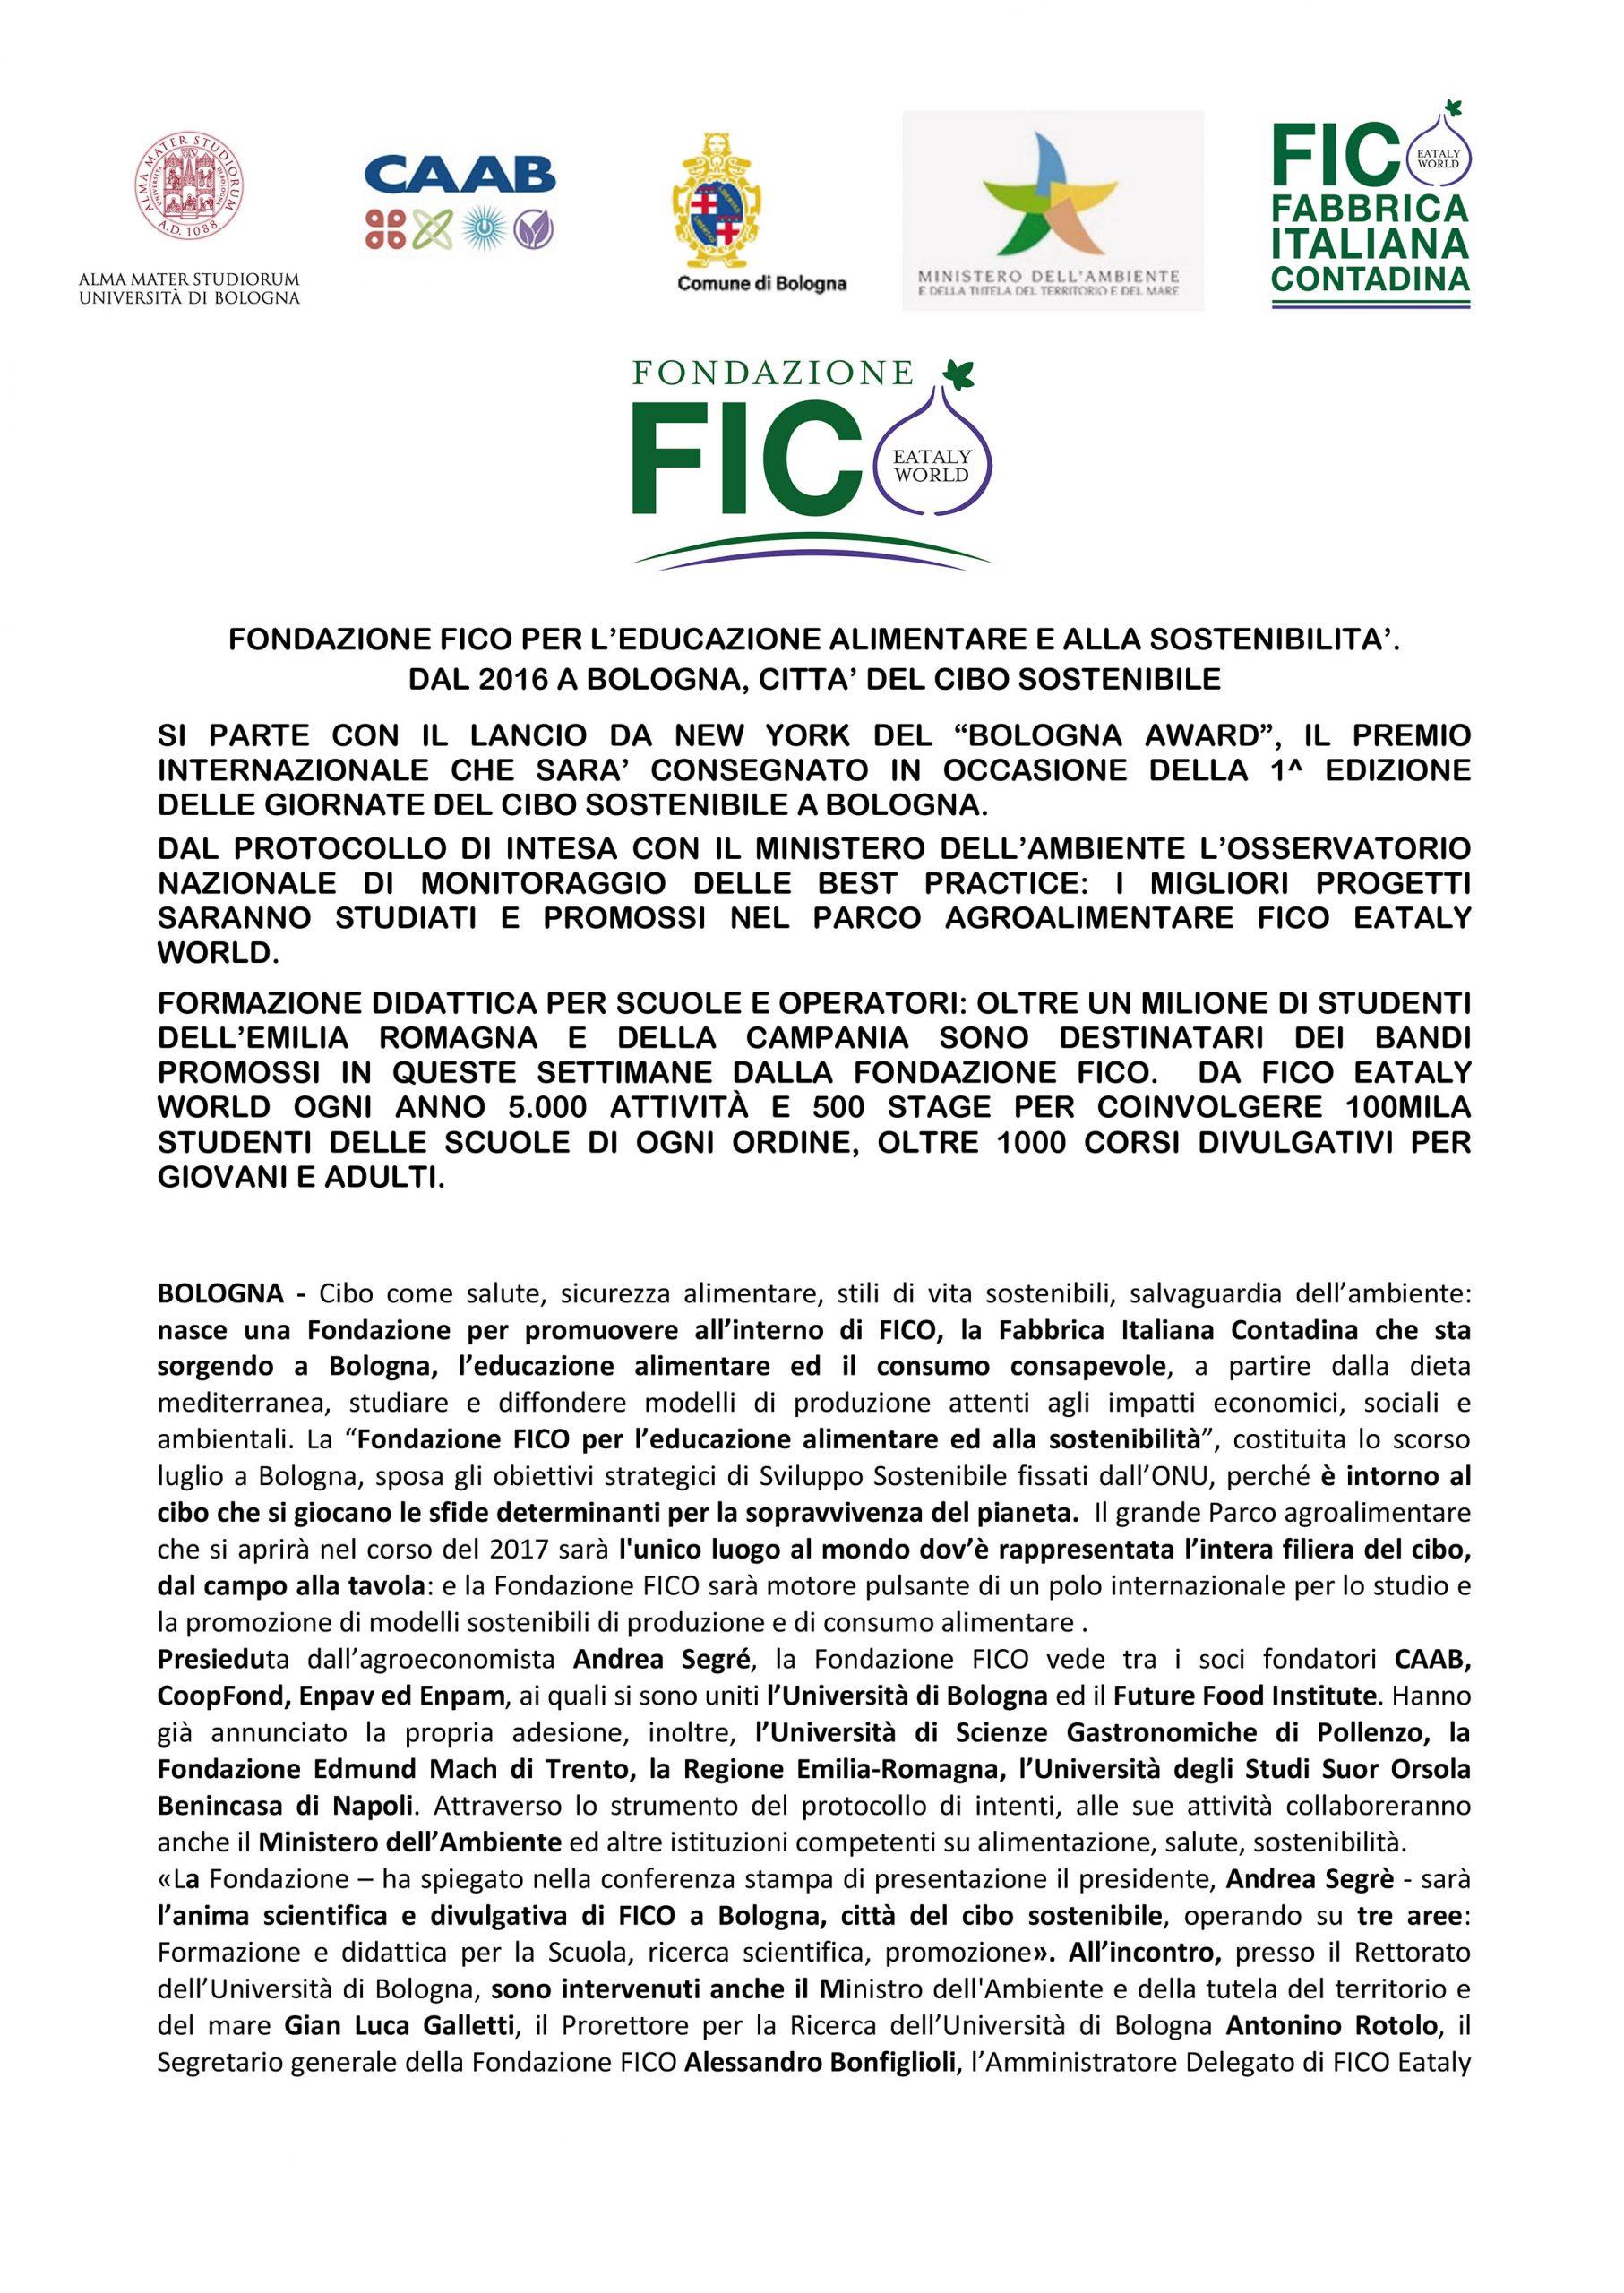 CS-0002-BolognaAward-11-11-2016_Pagina_1